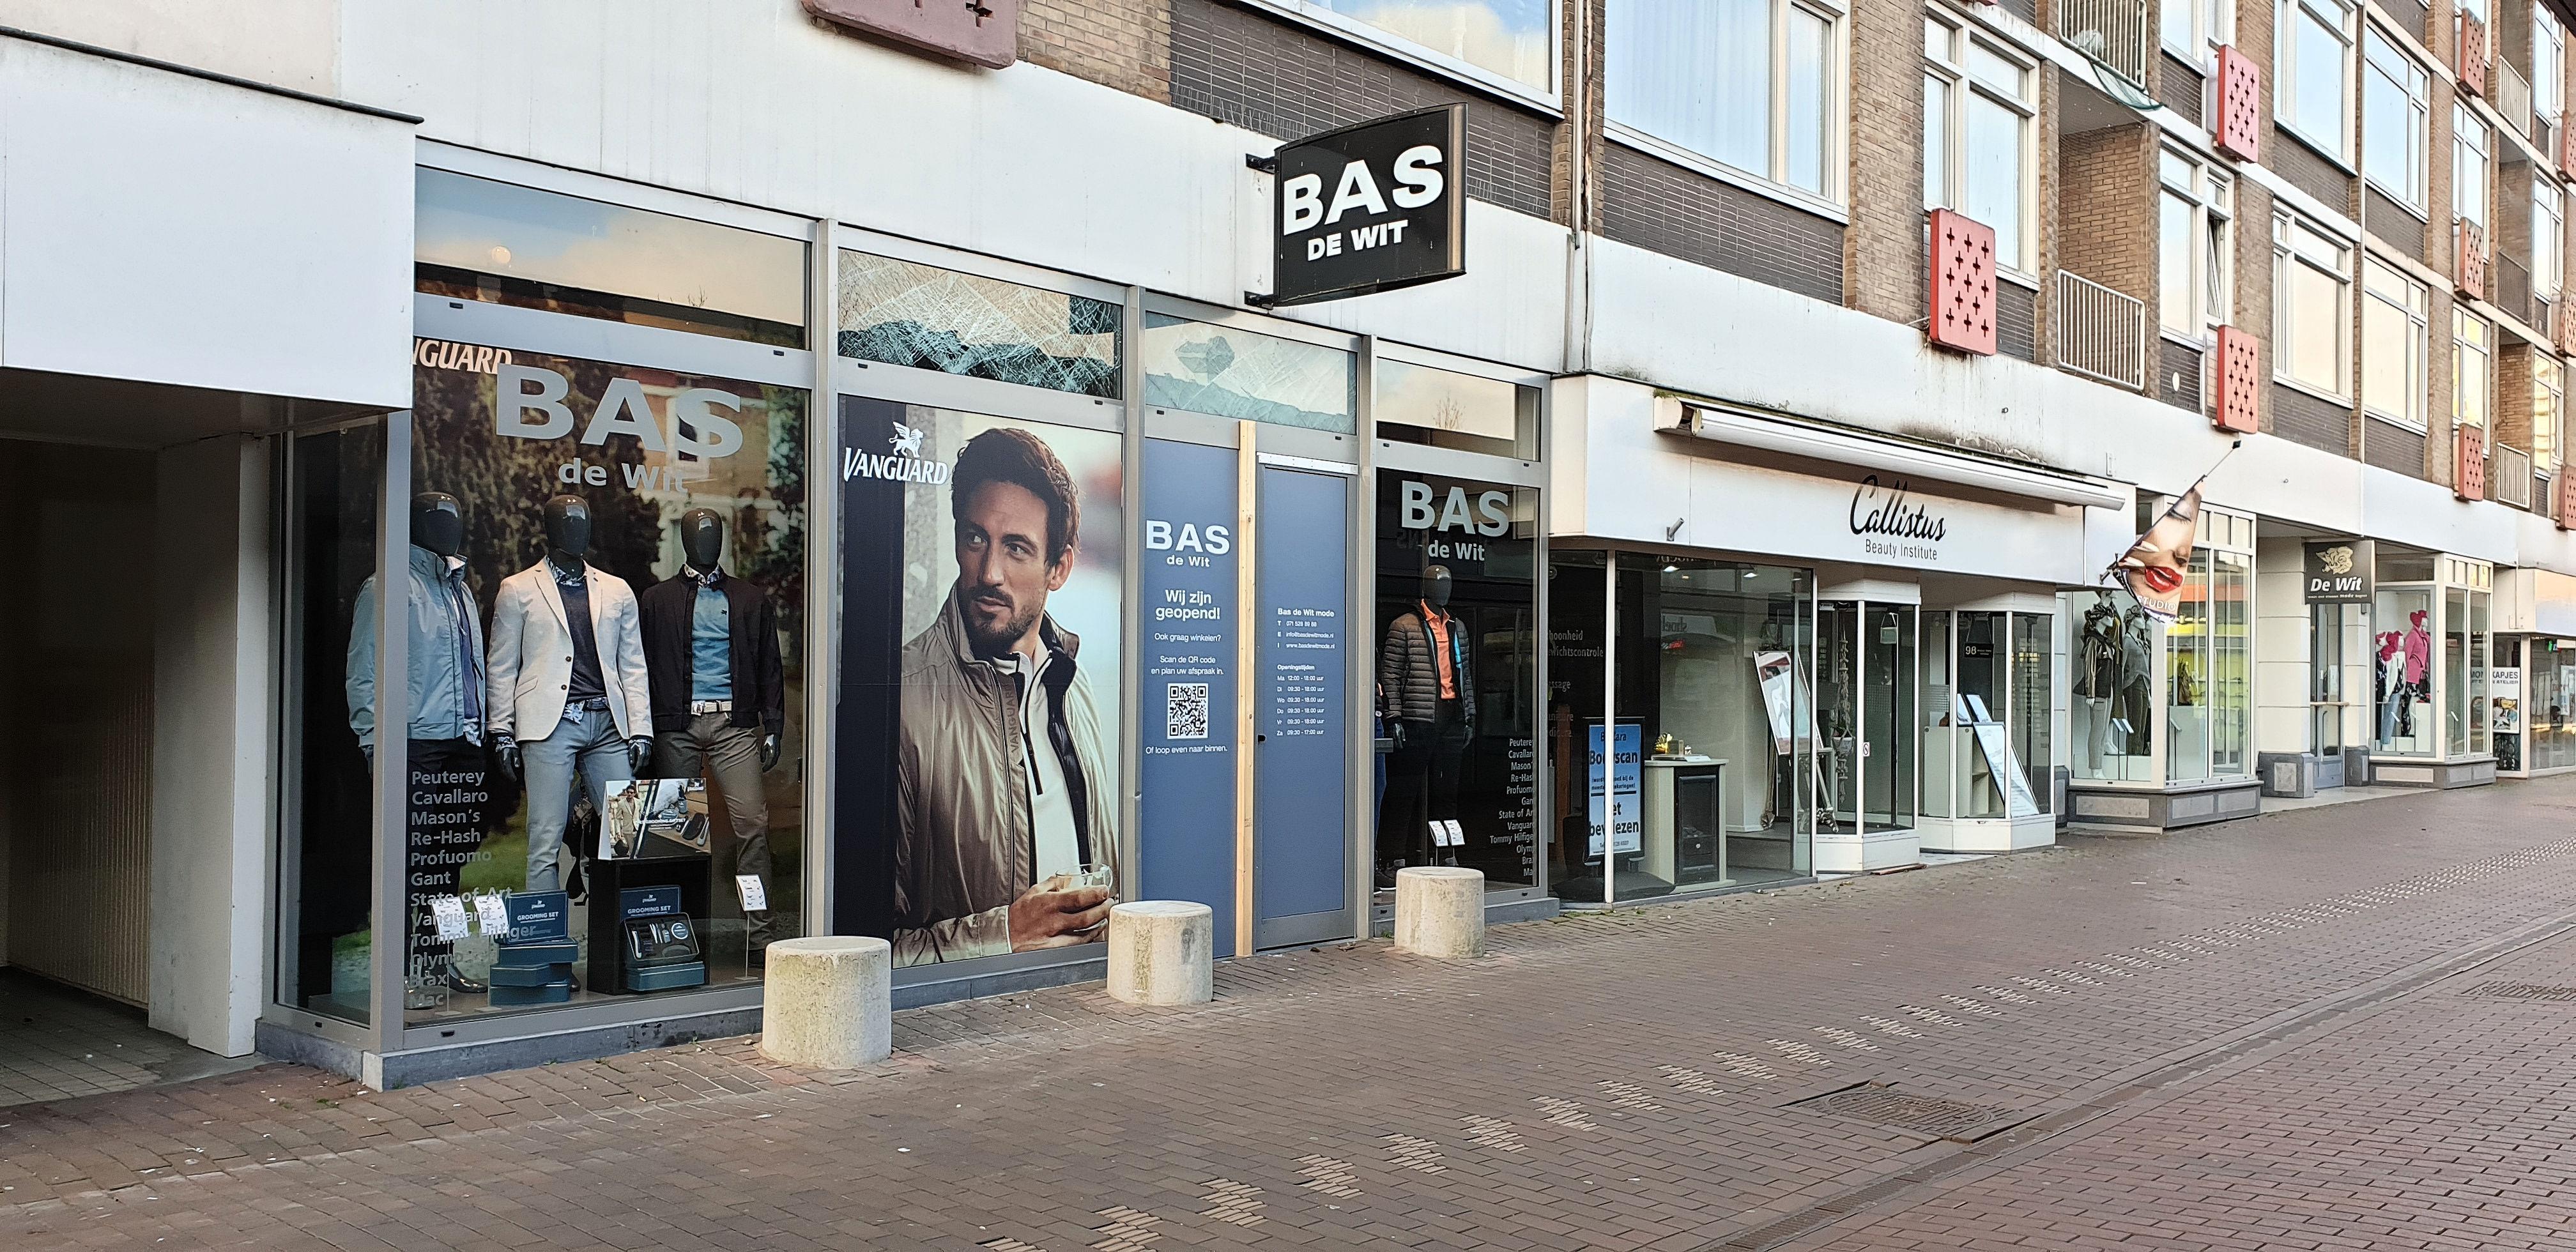 Tijdelijke paaltjes voor modezaak Bas de Wit, na drie ramkraken in tweeënhalf jaar, opmaat naar afsluiting van hele winkelstraat: 'Die kans is redelijk groot'